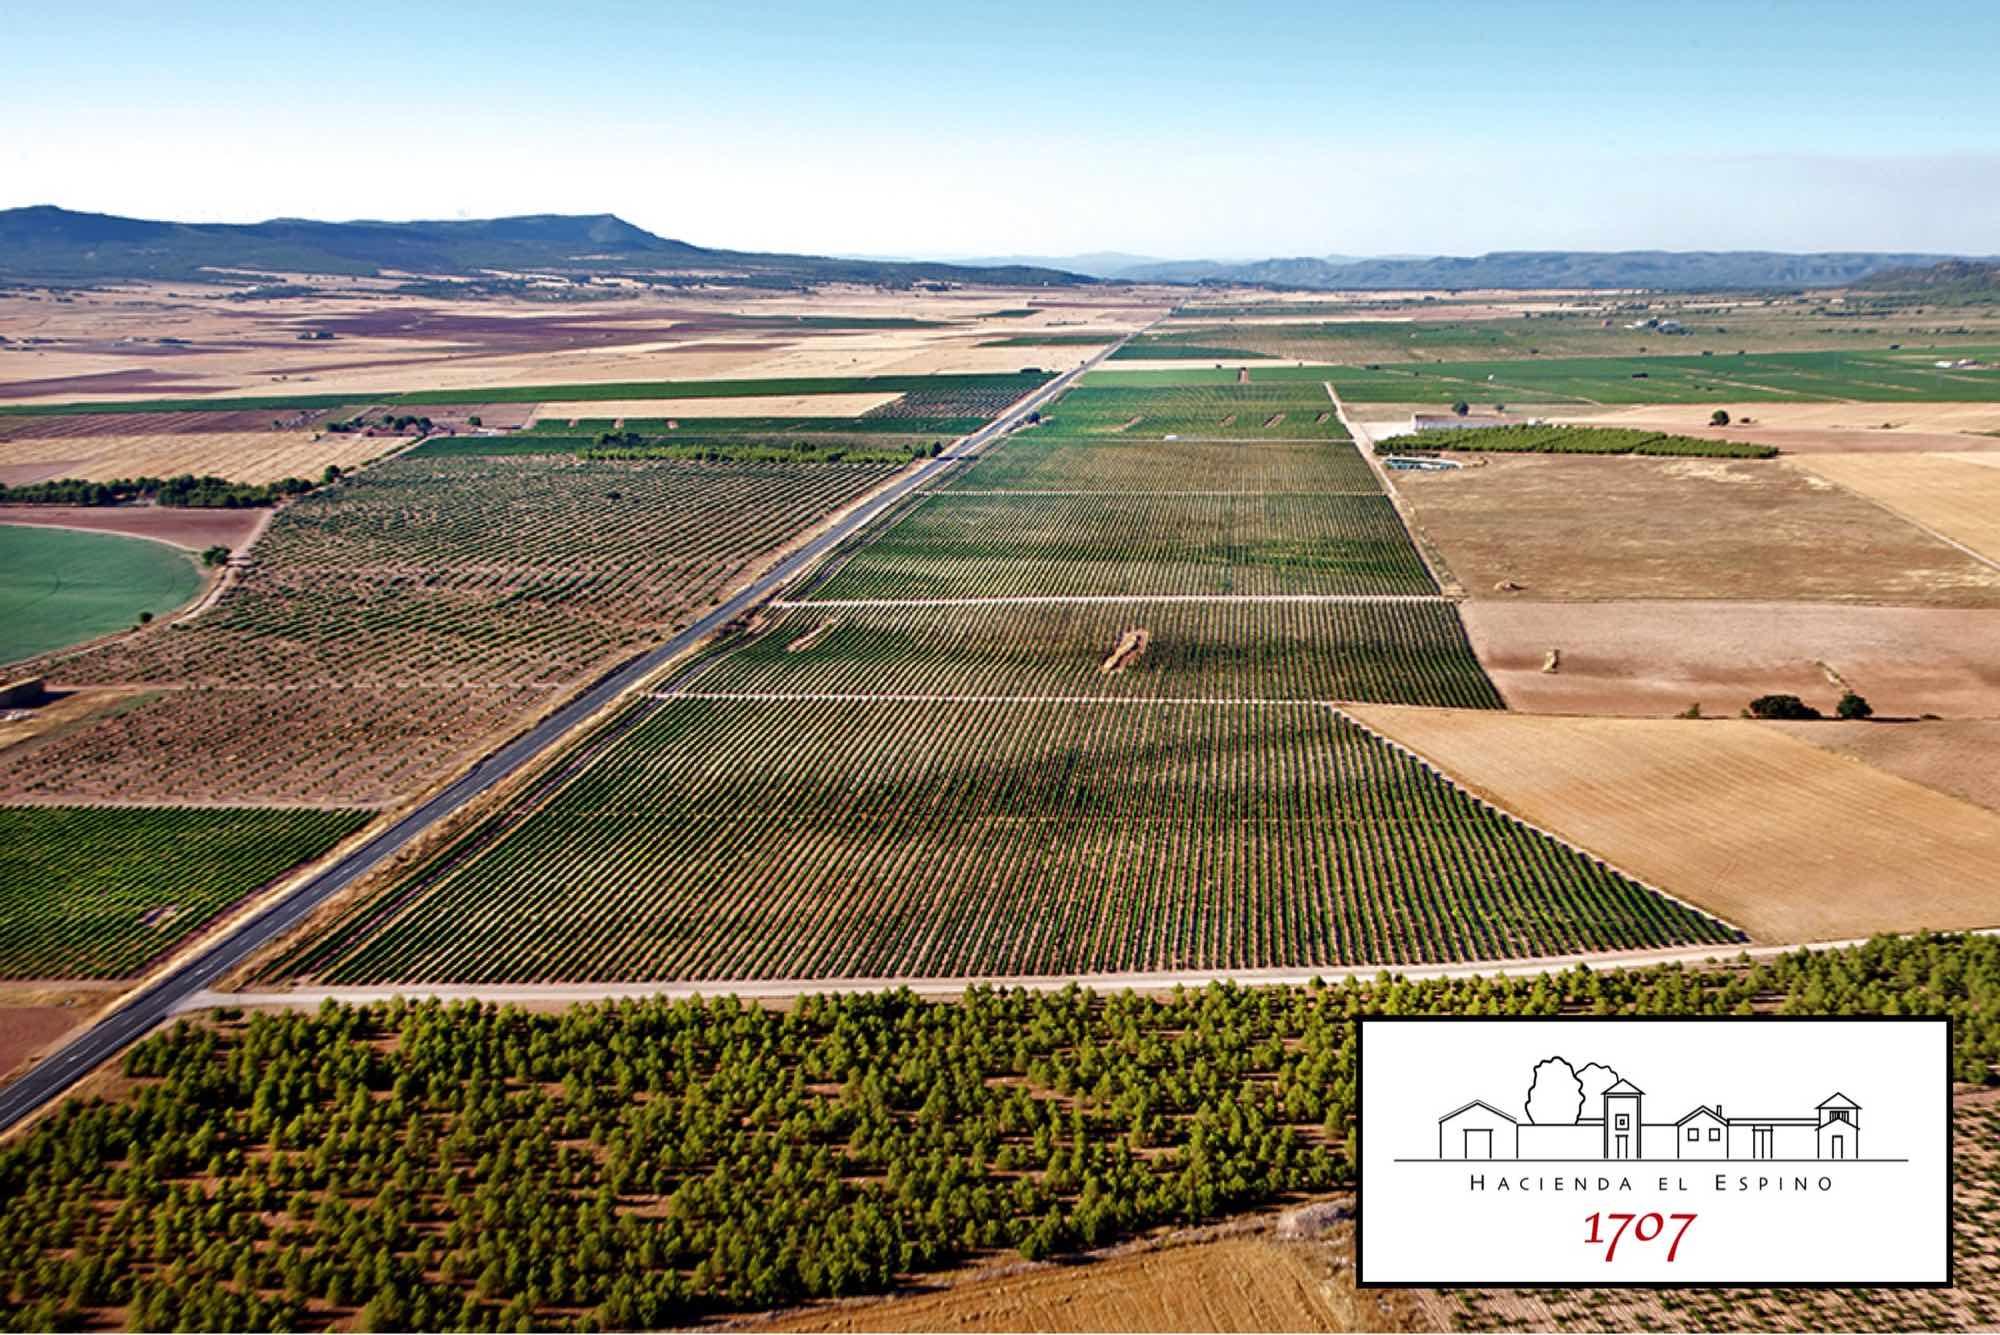 Hacienda el Espino, sueño hecho realidad de la Denominación de Origen Almansa